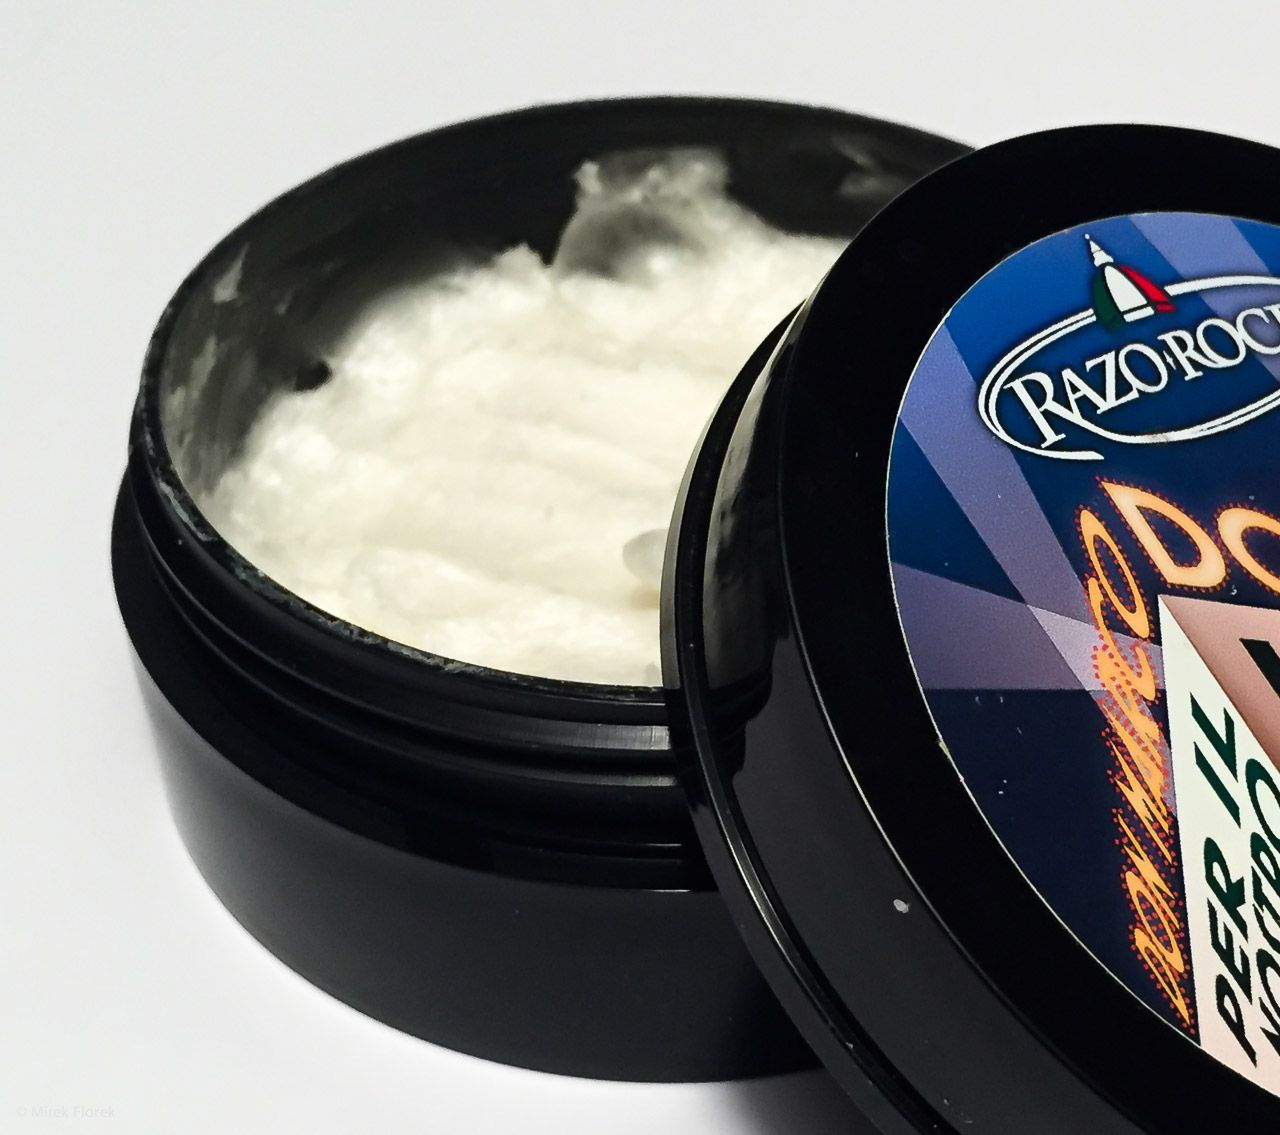 Konsystencja mydła RazoRock Don Marco